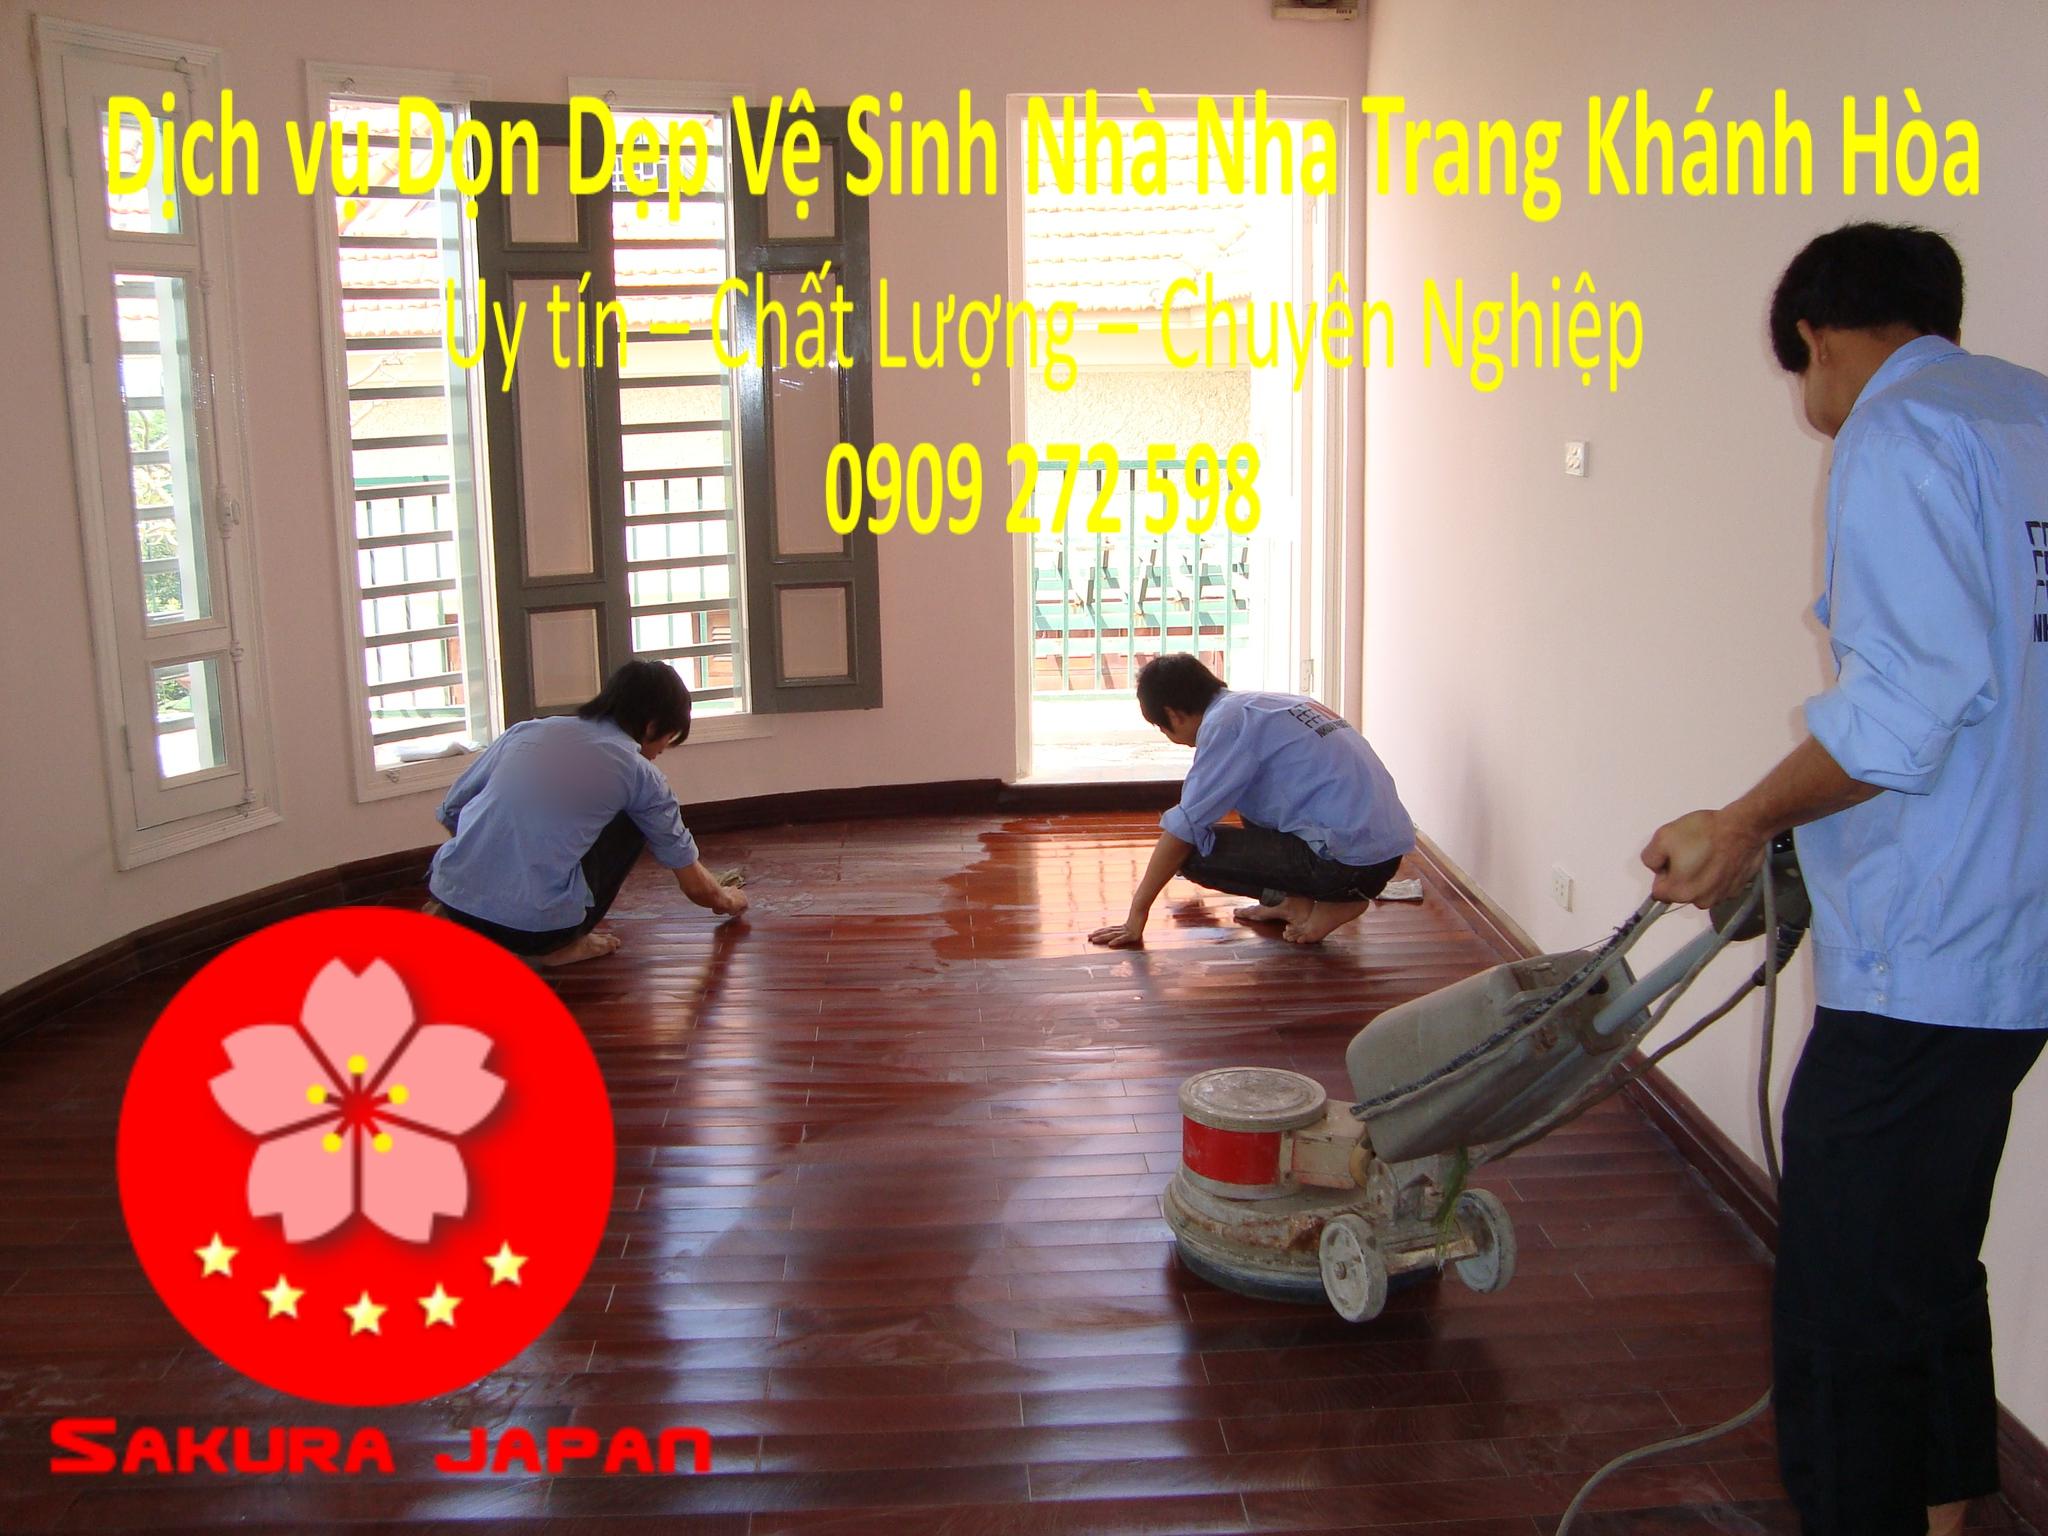 Dọn Dẹp Vệ sinh Nhà Nha Trang Khánh Hòa 6